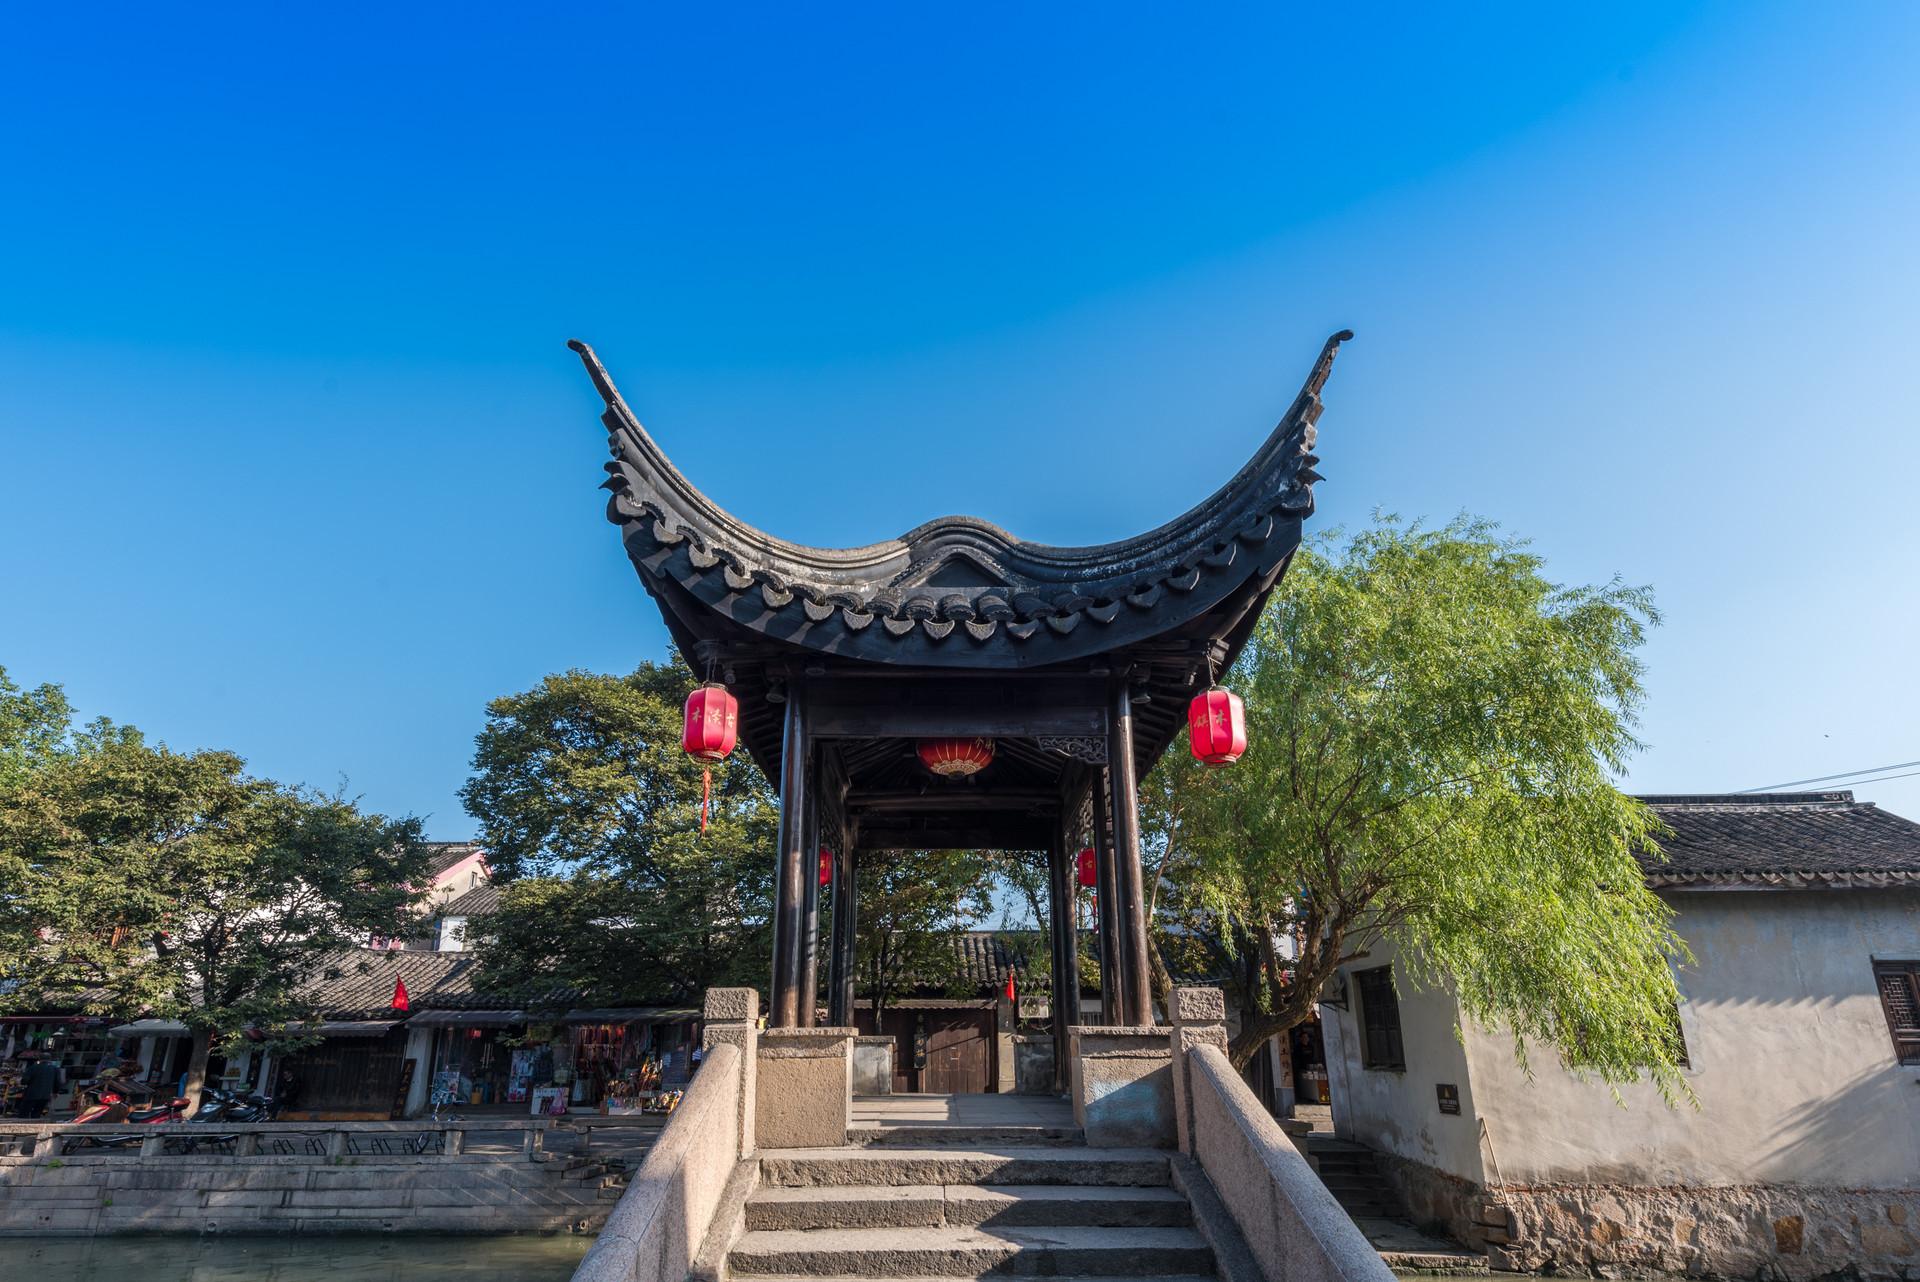 江苏这座古镇很低调,比周庄历史更久还免费开放游客不多